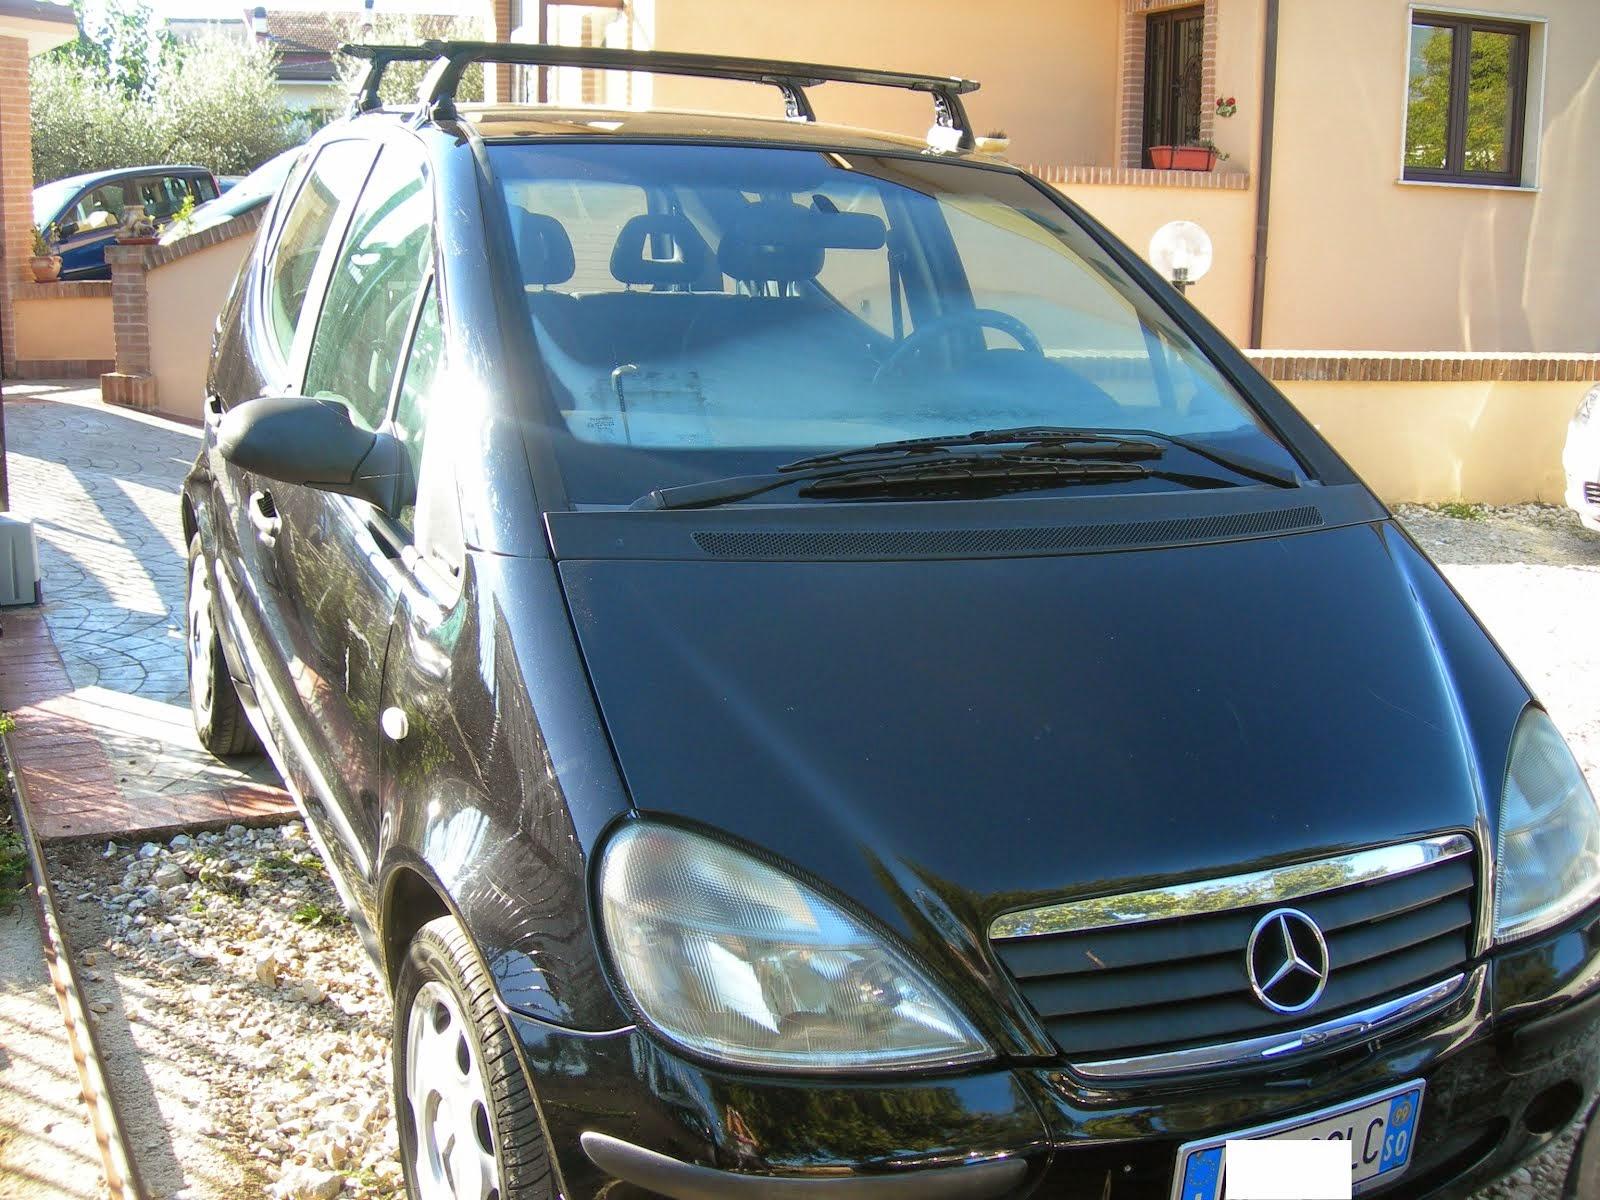 Mercedes Classe A170 cdi con frizione automatica Prezzo 2.500,00 Euro